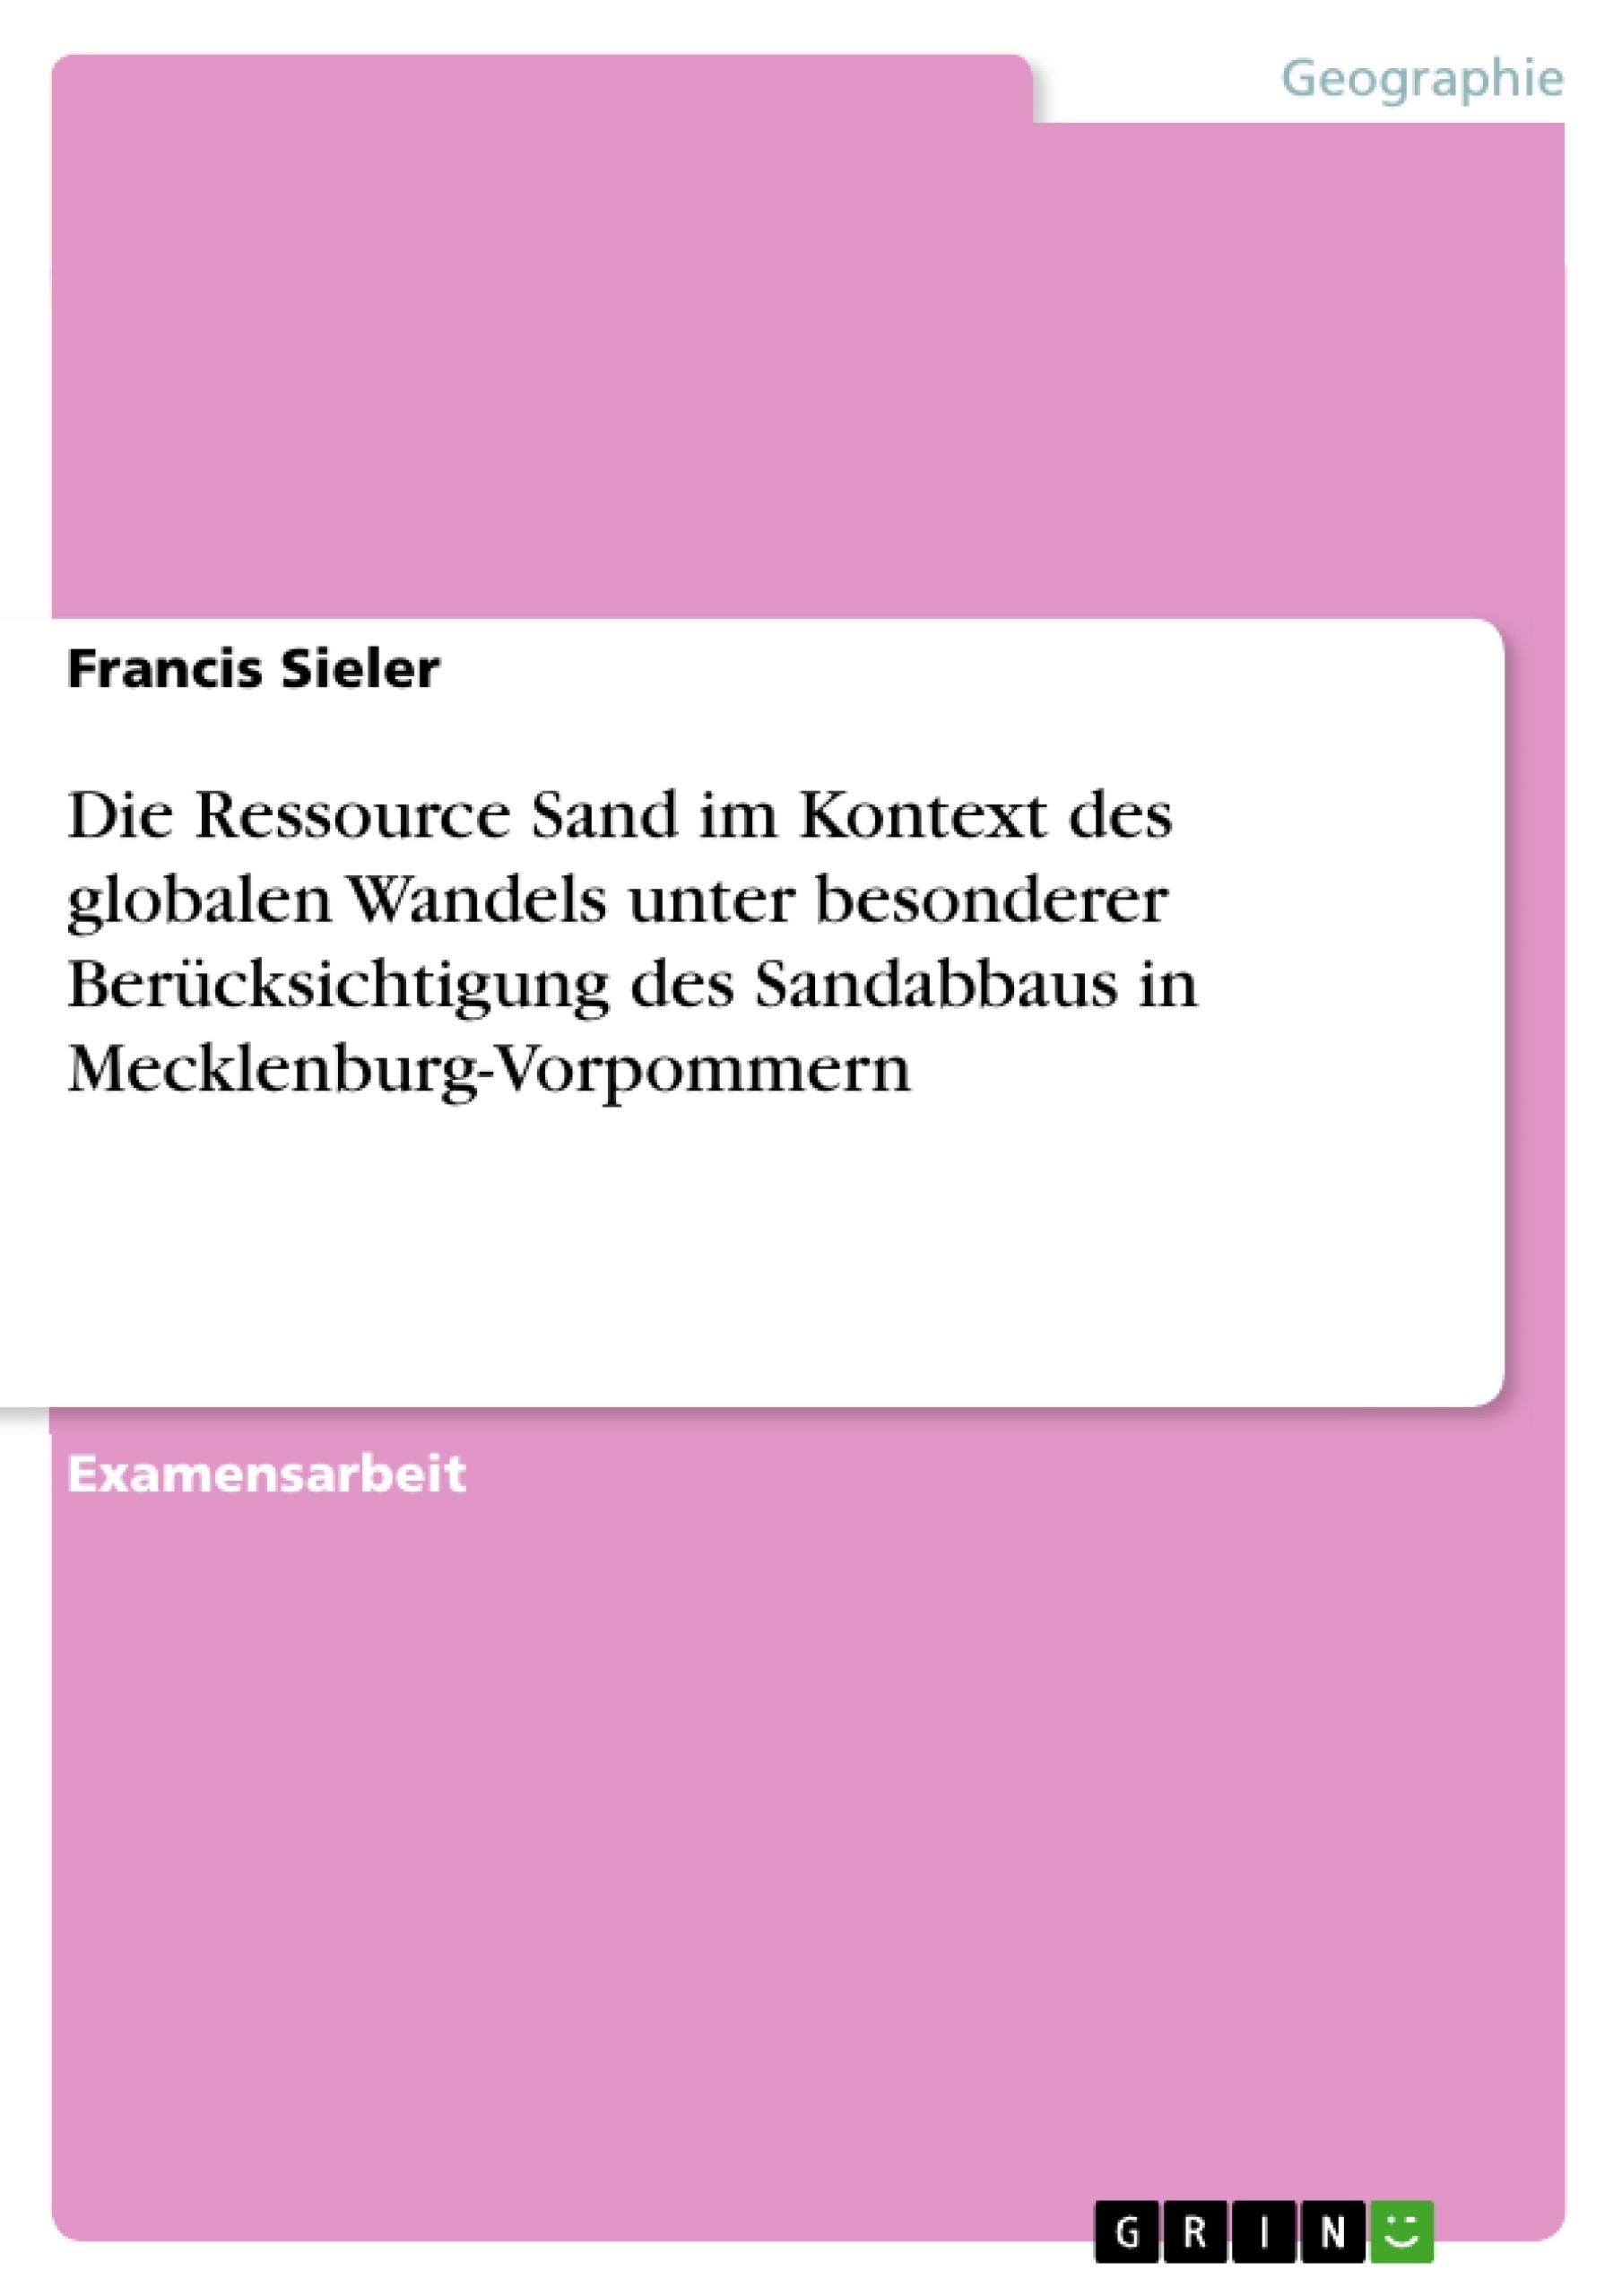 Titel: Die Ressource Sand im Kontext des globalen Wandels unter besonderer Berücksichtigung des Sandabbaus in Mecklenburg-Vorpommern